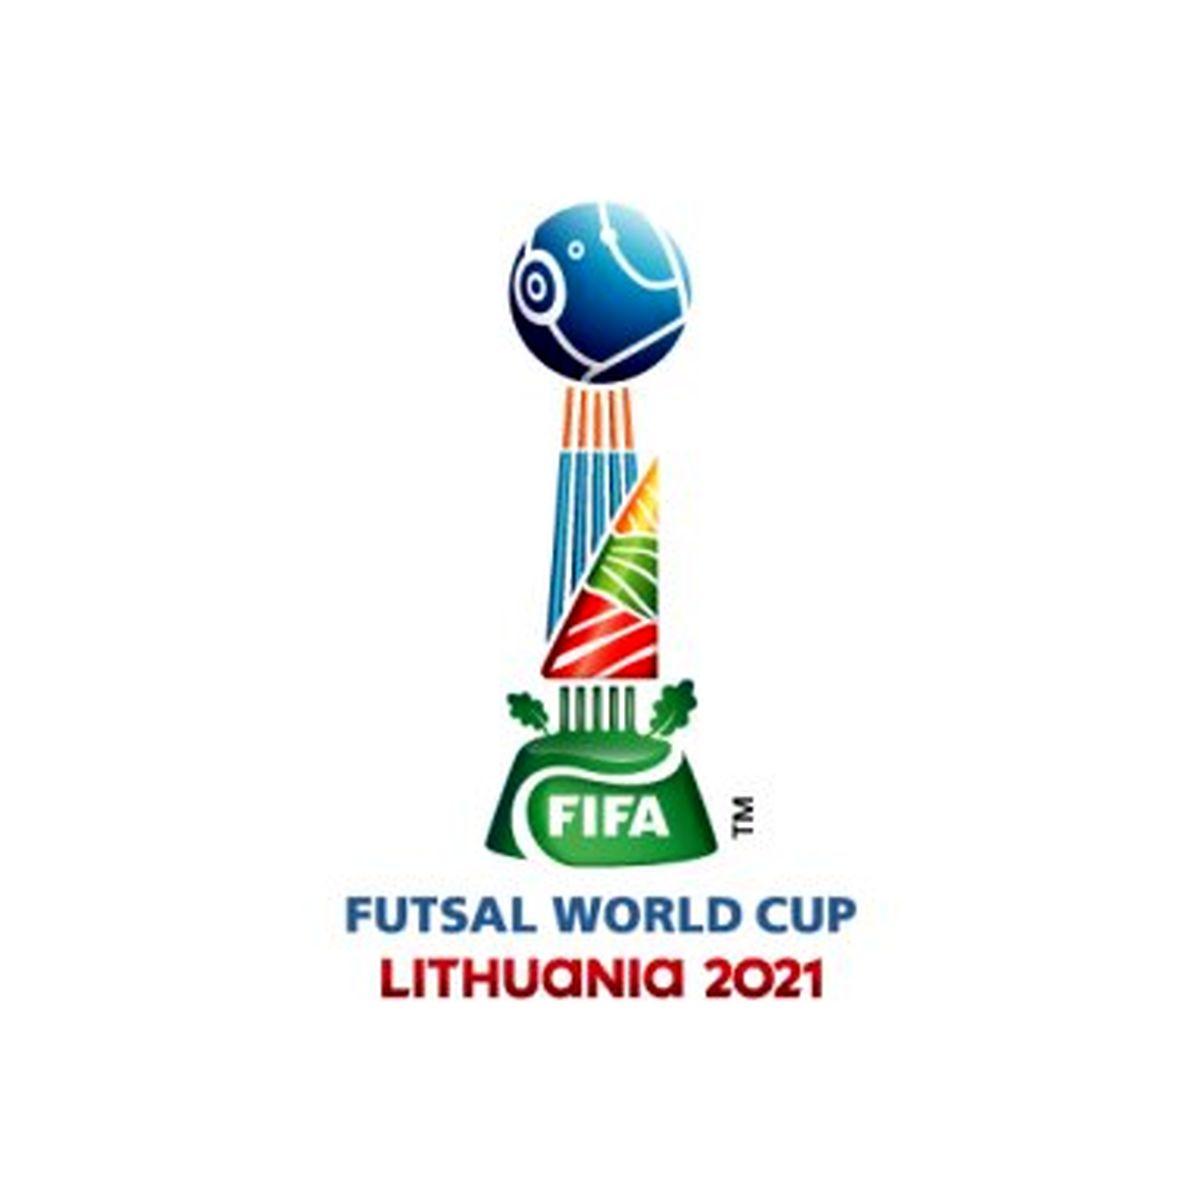 برنامه بازیهای امروز جام جهانی فوتسال